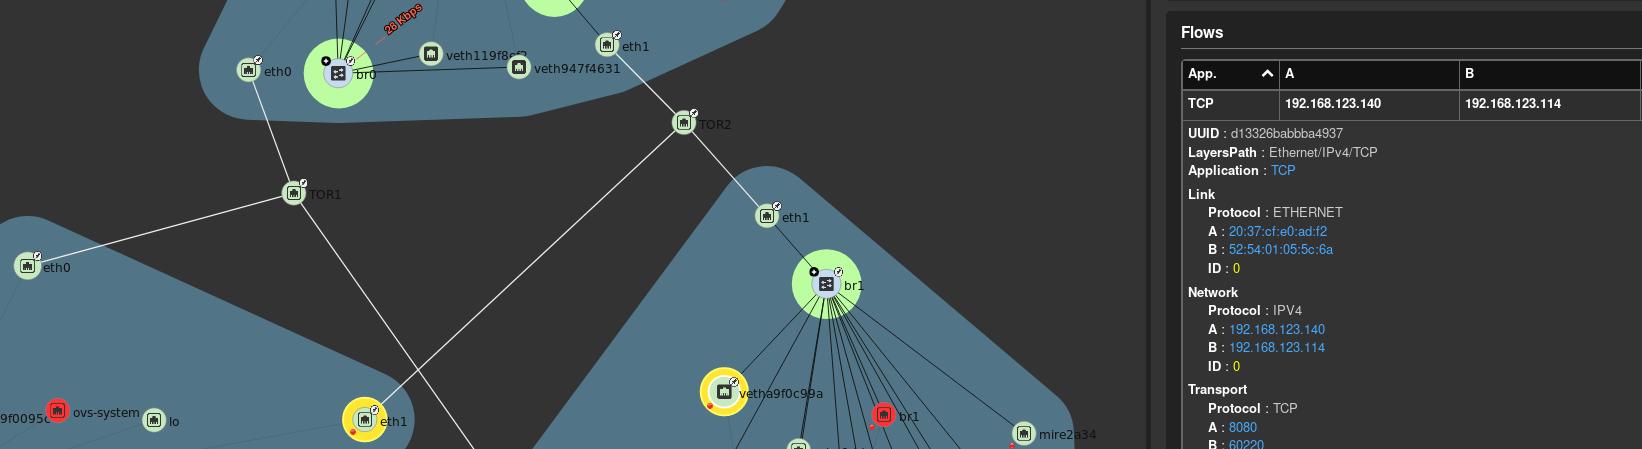 Kubevirt Network Rehash